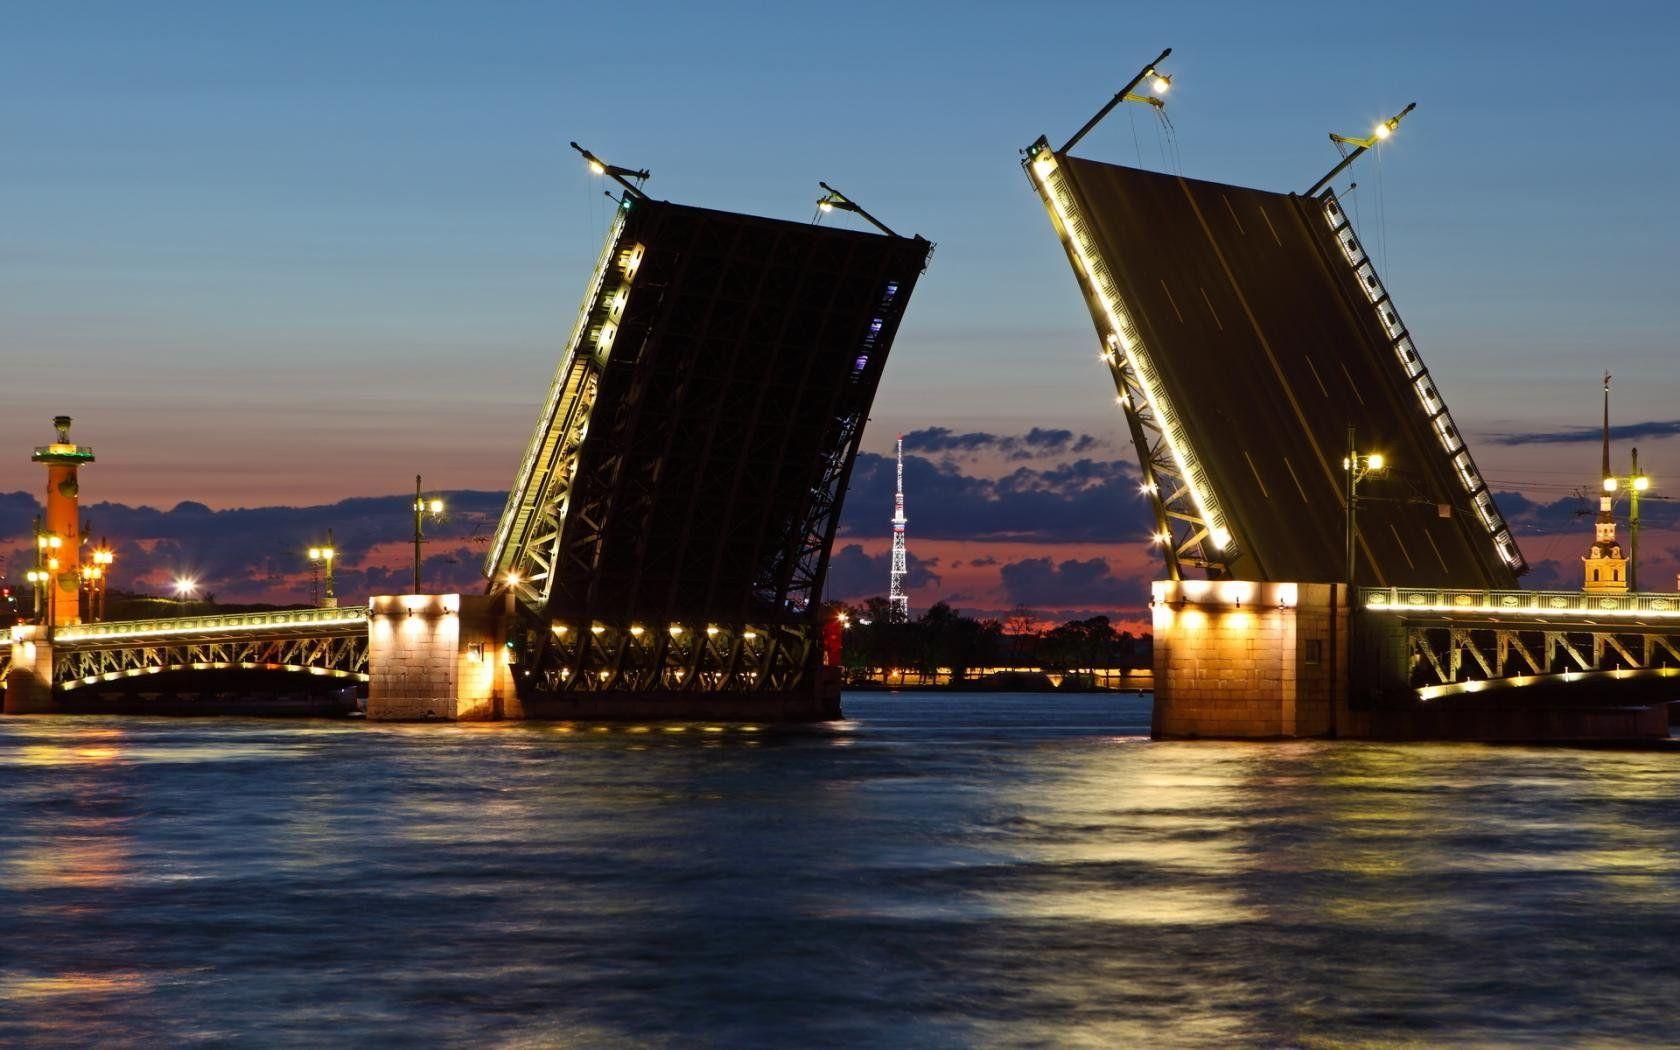 санкт петербургский фото красивые что